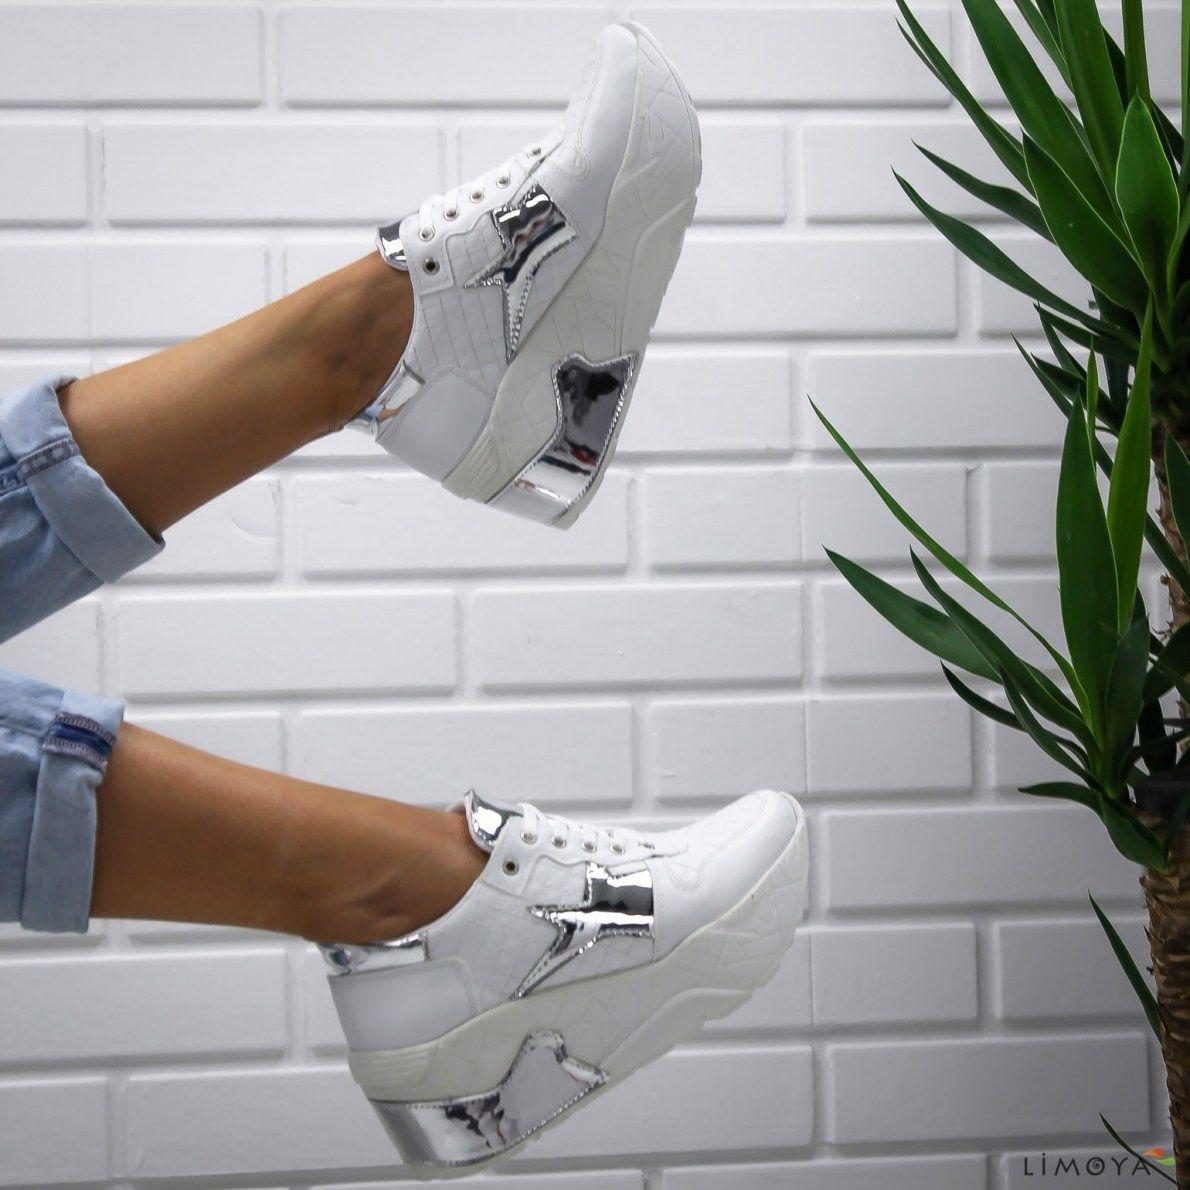 Limoya York Beyaz Yuksek Topuklu Spor Ayakkabi Gunluk Ayakkabi Limoya Topuklular Bayan Ayakkabi Sneaker